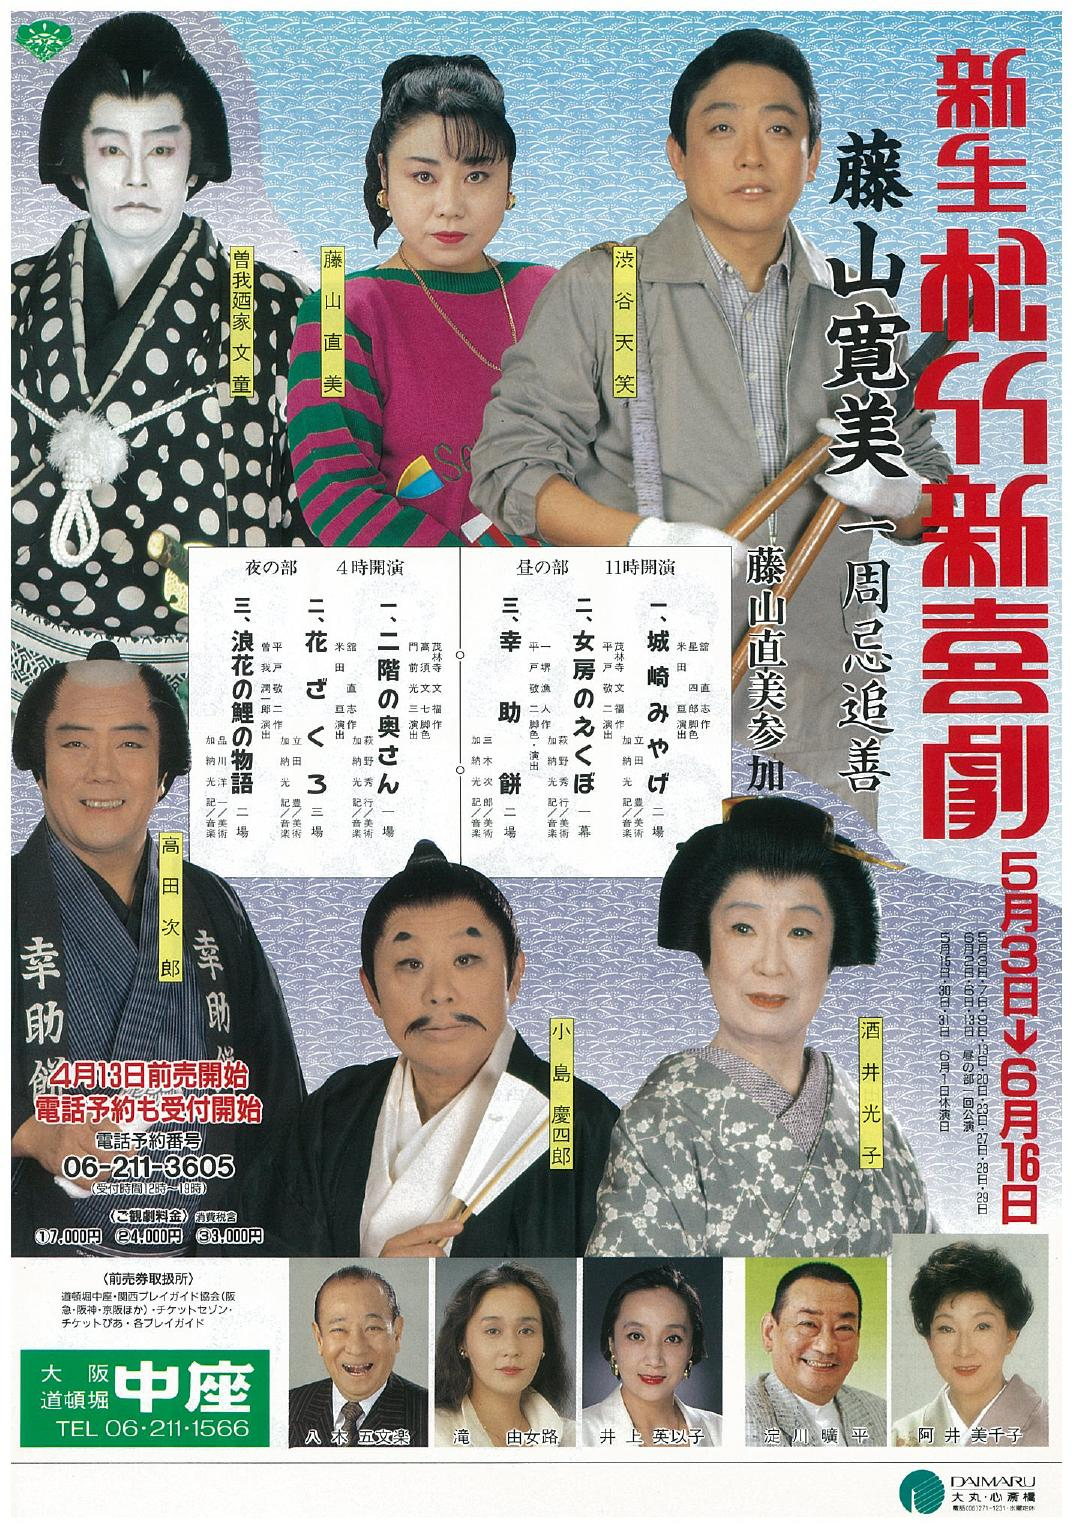 【中座】新生松竹新喜劇 5月~6月中旬